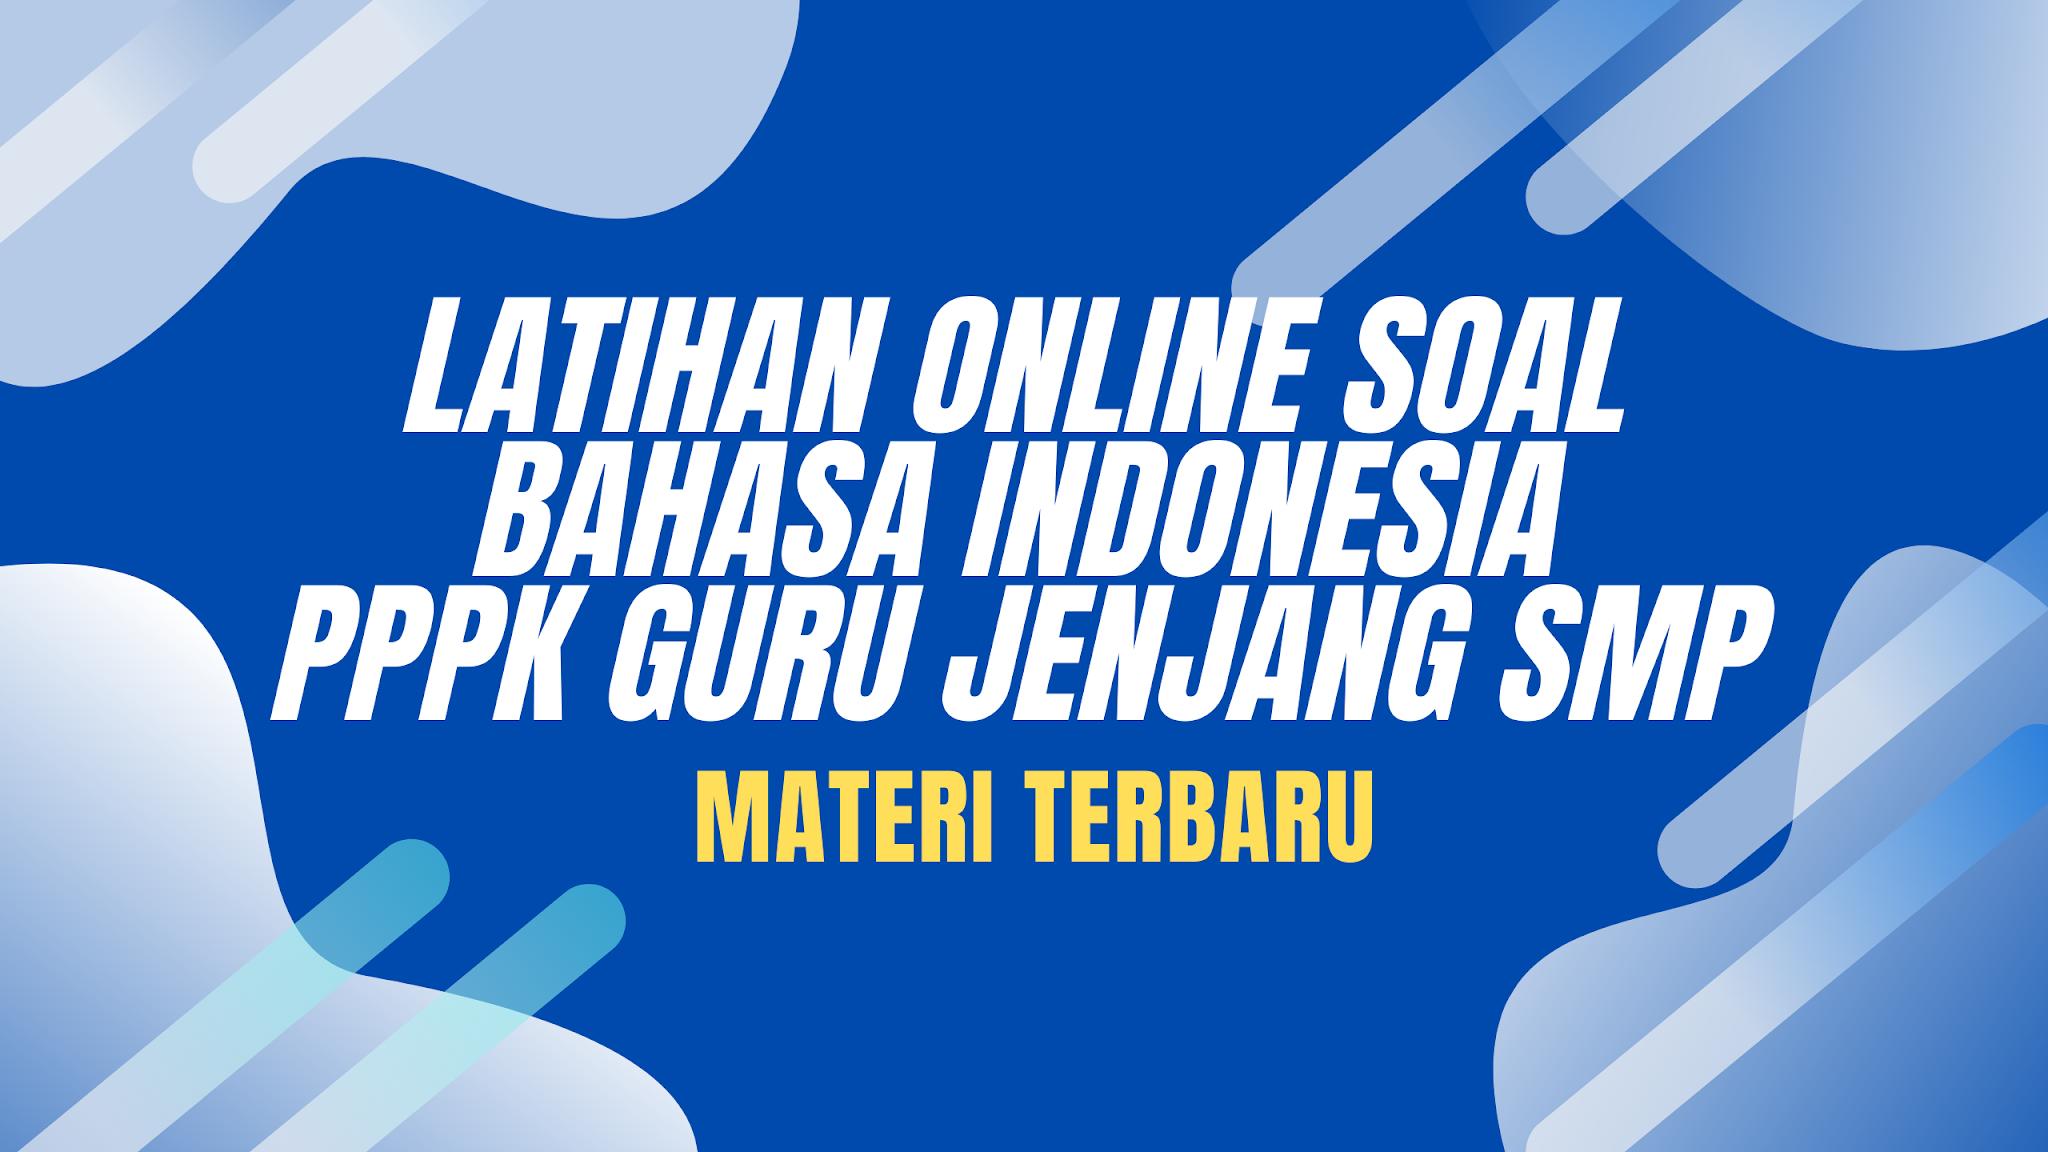 gambar soal pppk online bahasa indonesia